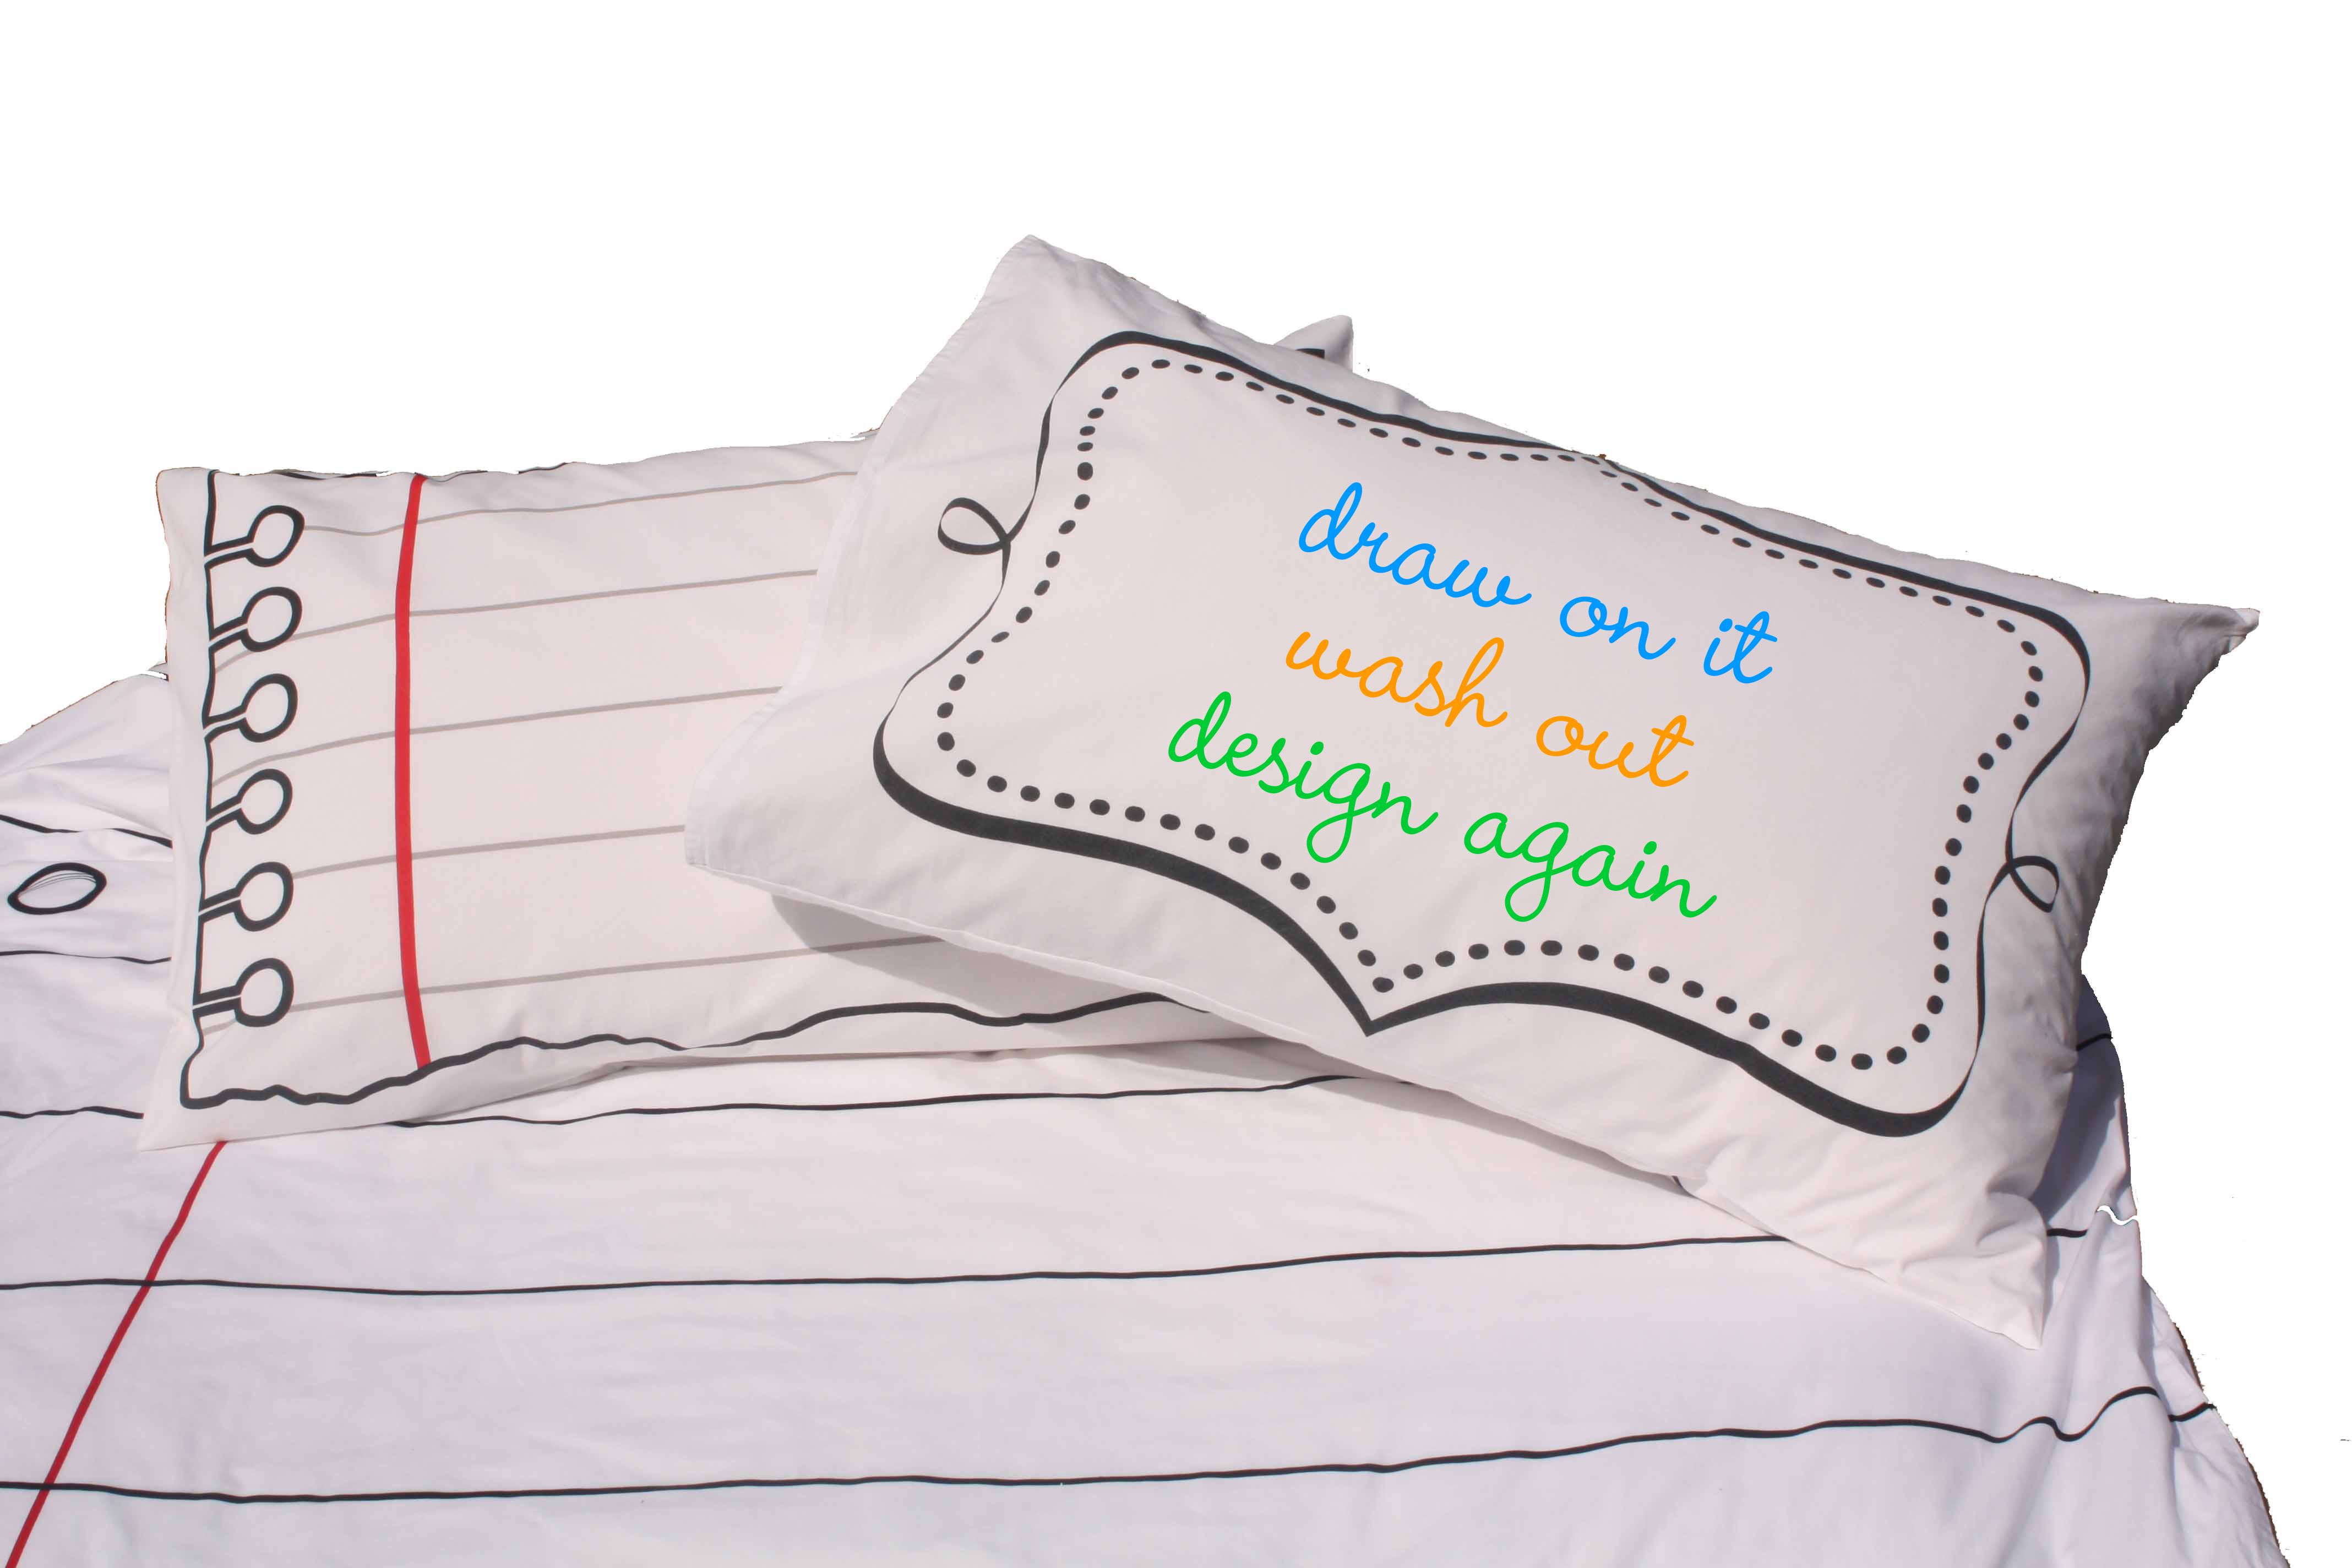 Design Your Own Pillowcase: DIY Pillowcase   Doodle Pillowcase,